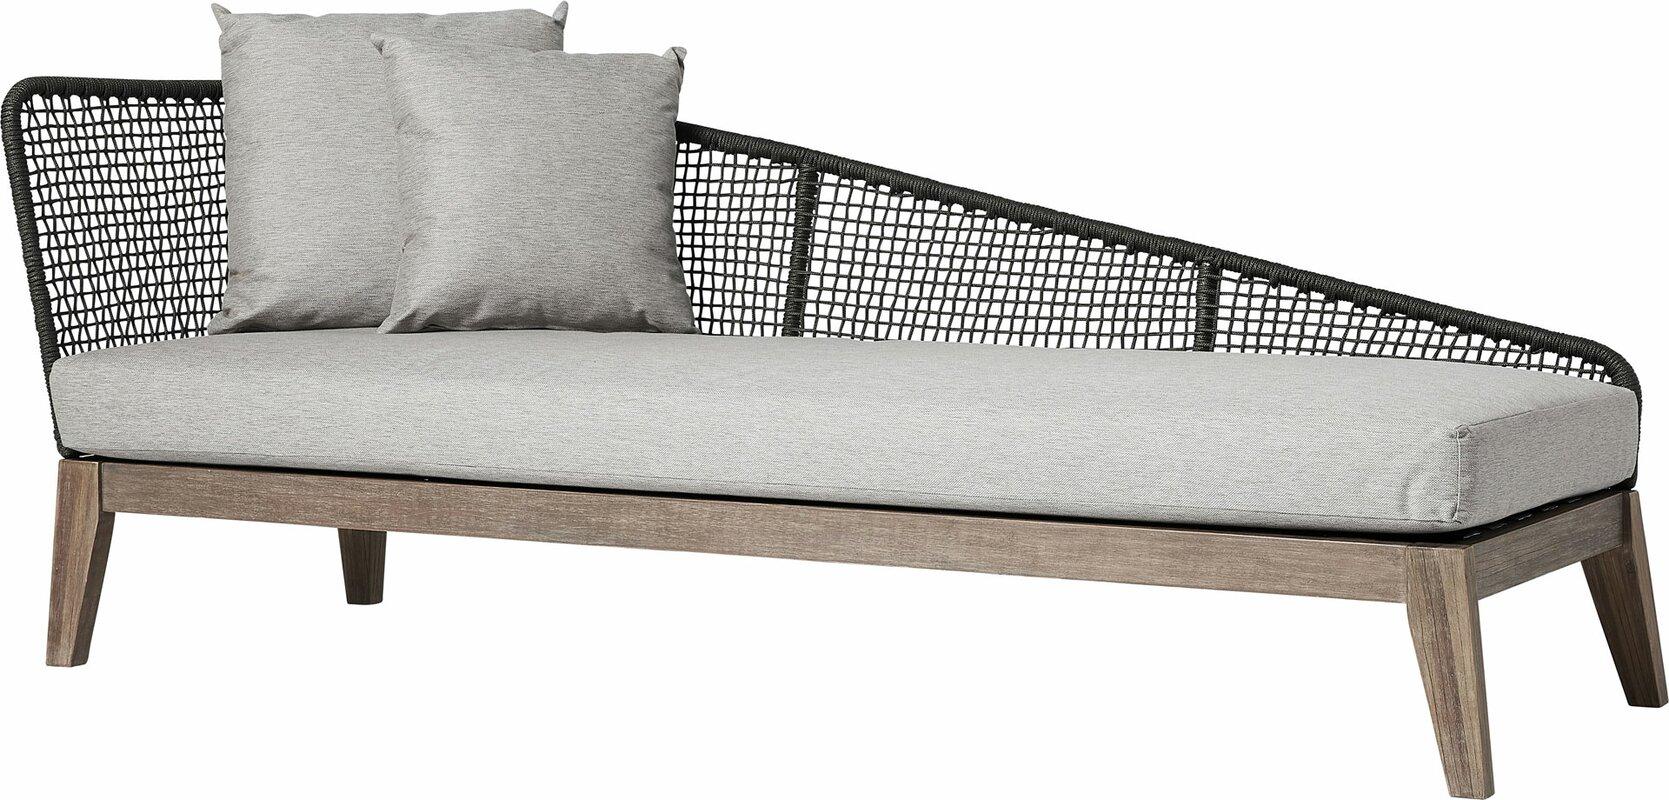 Modloft Netta Patio Sofa With Cushion Reviews